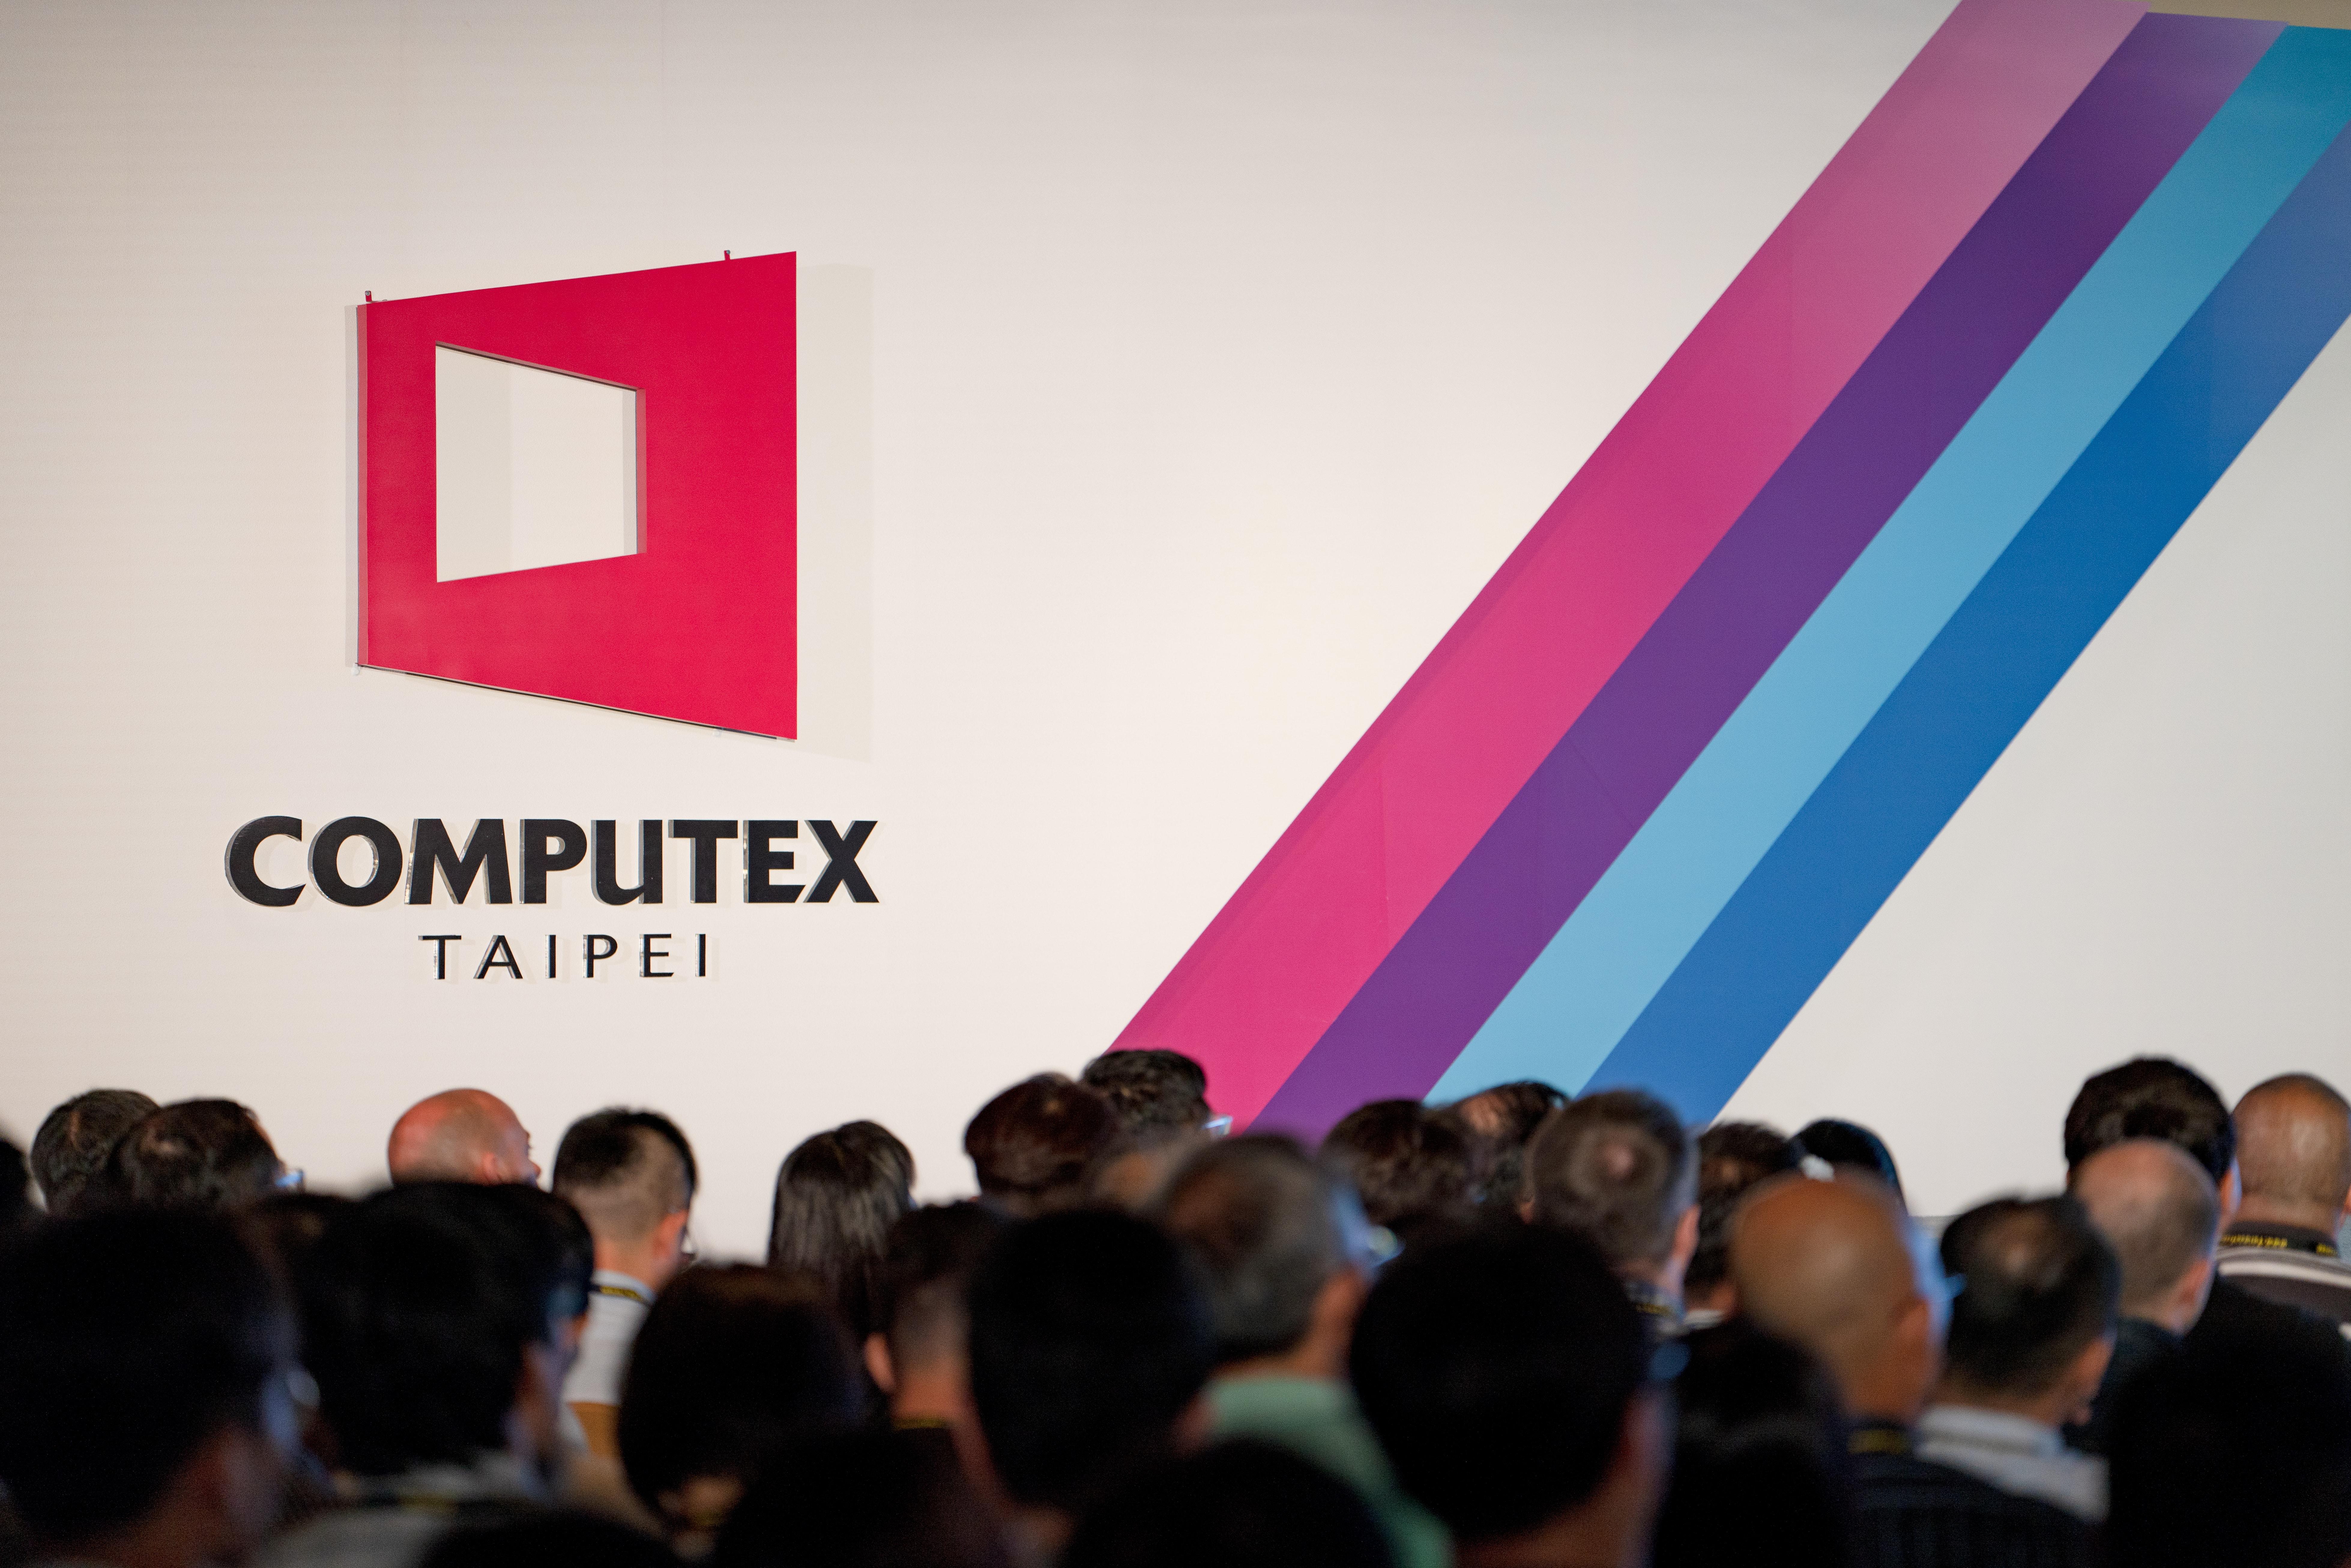 【Computex】搶先報導!2018 Taipei Computex 新鮮一手資訊,帶你看看刷臉入場與交通一卡通!